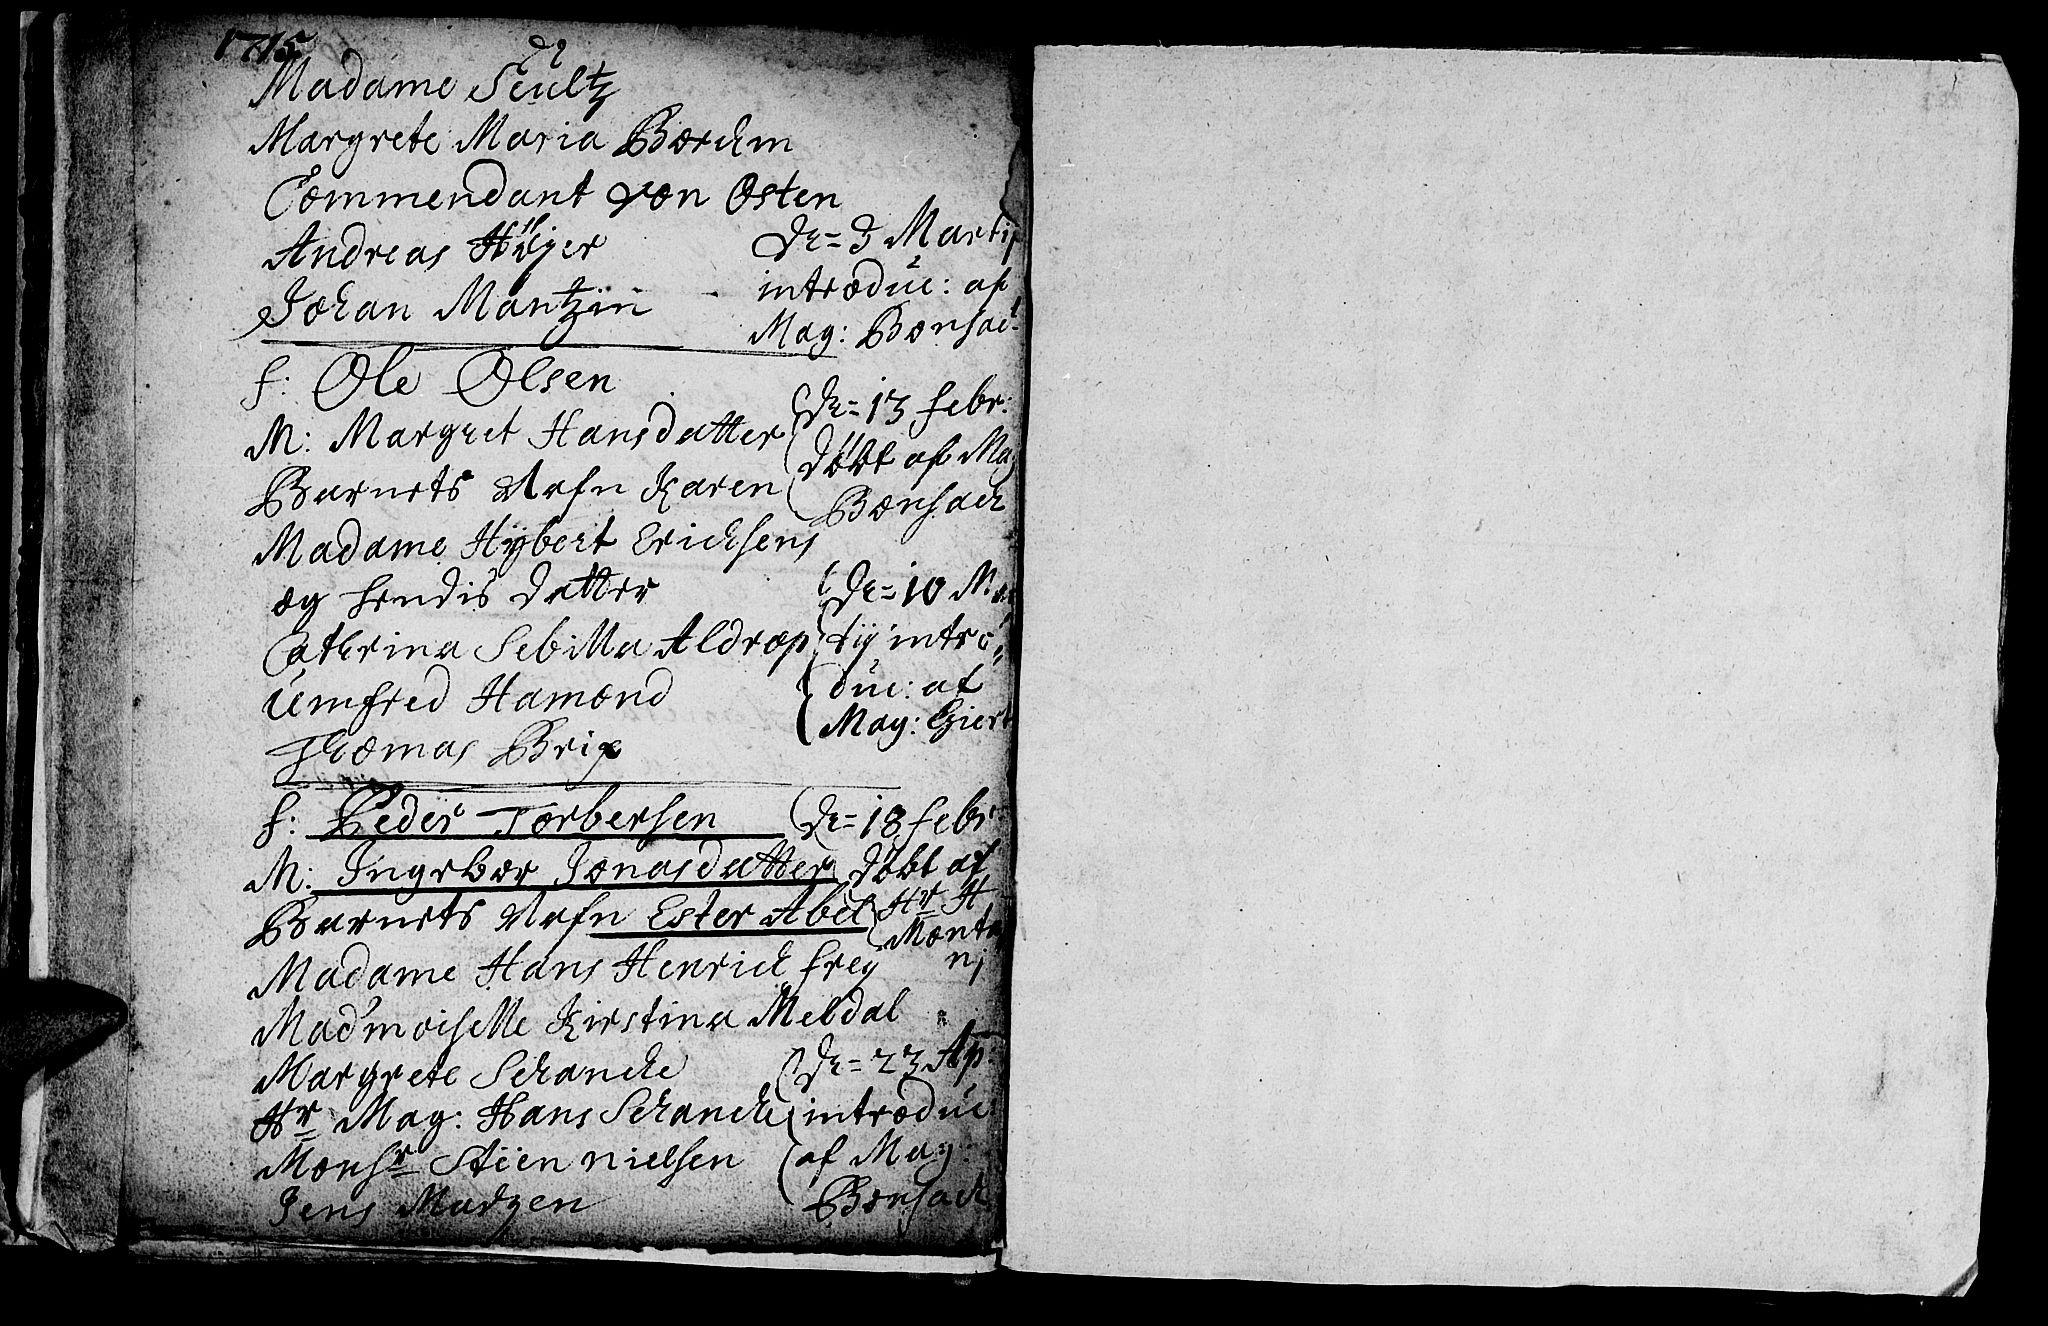 SAT, Ministerialprotokoller, klokkerbøker og fødselsregistre - Sør-Trøndelag, 601/L0035: Ministerialbok nr. 601A03, 1713-1728, s. 236b